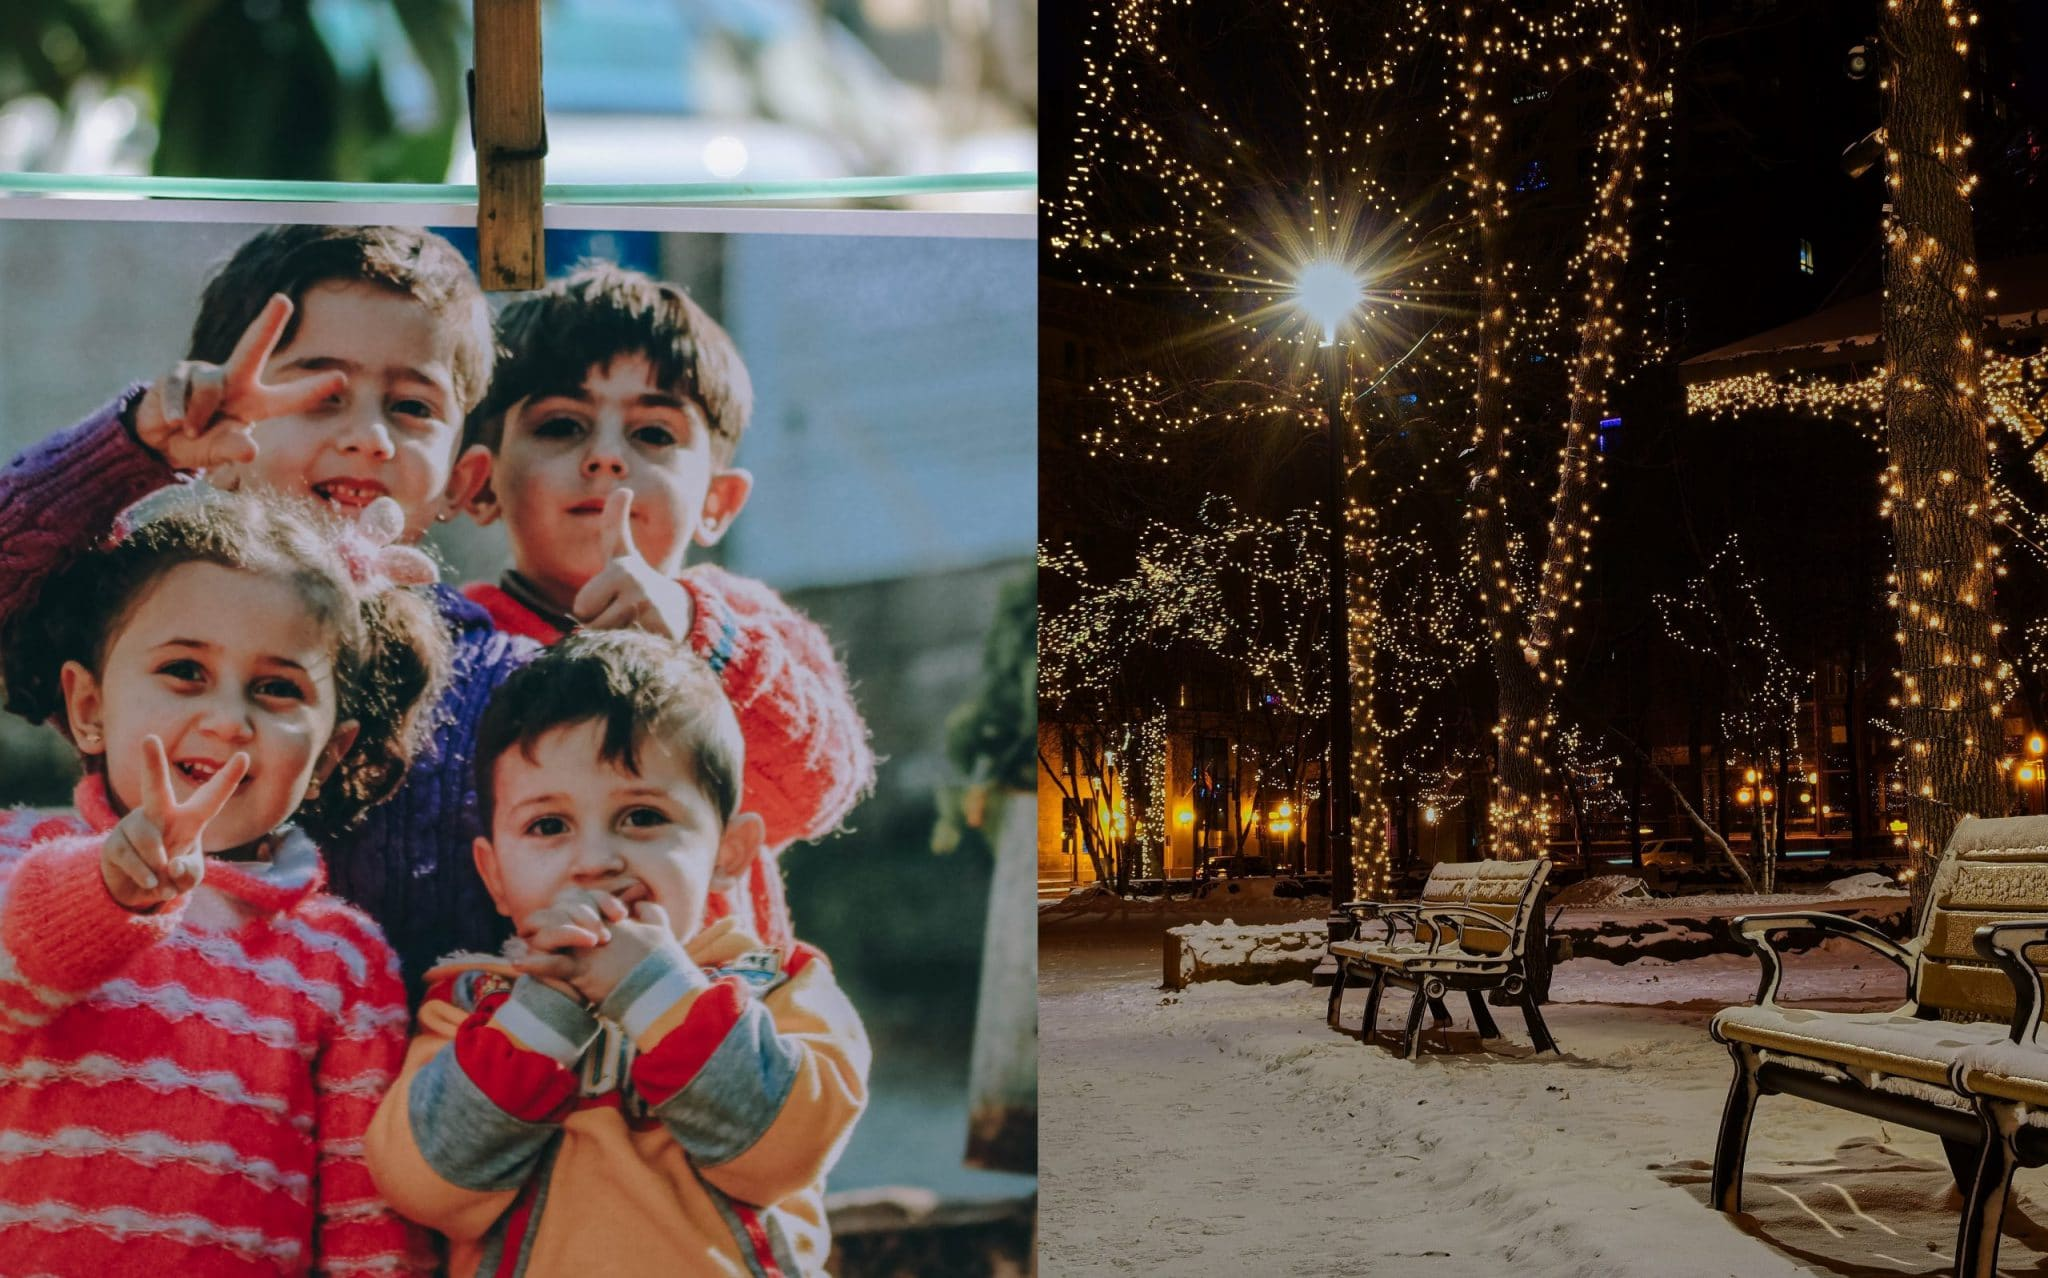 Święta - hipokryzja świąt. Ilustracja: syryjskie dzieci zestawione z oświetleniem parku